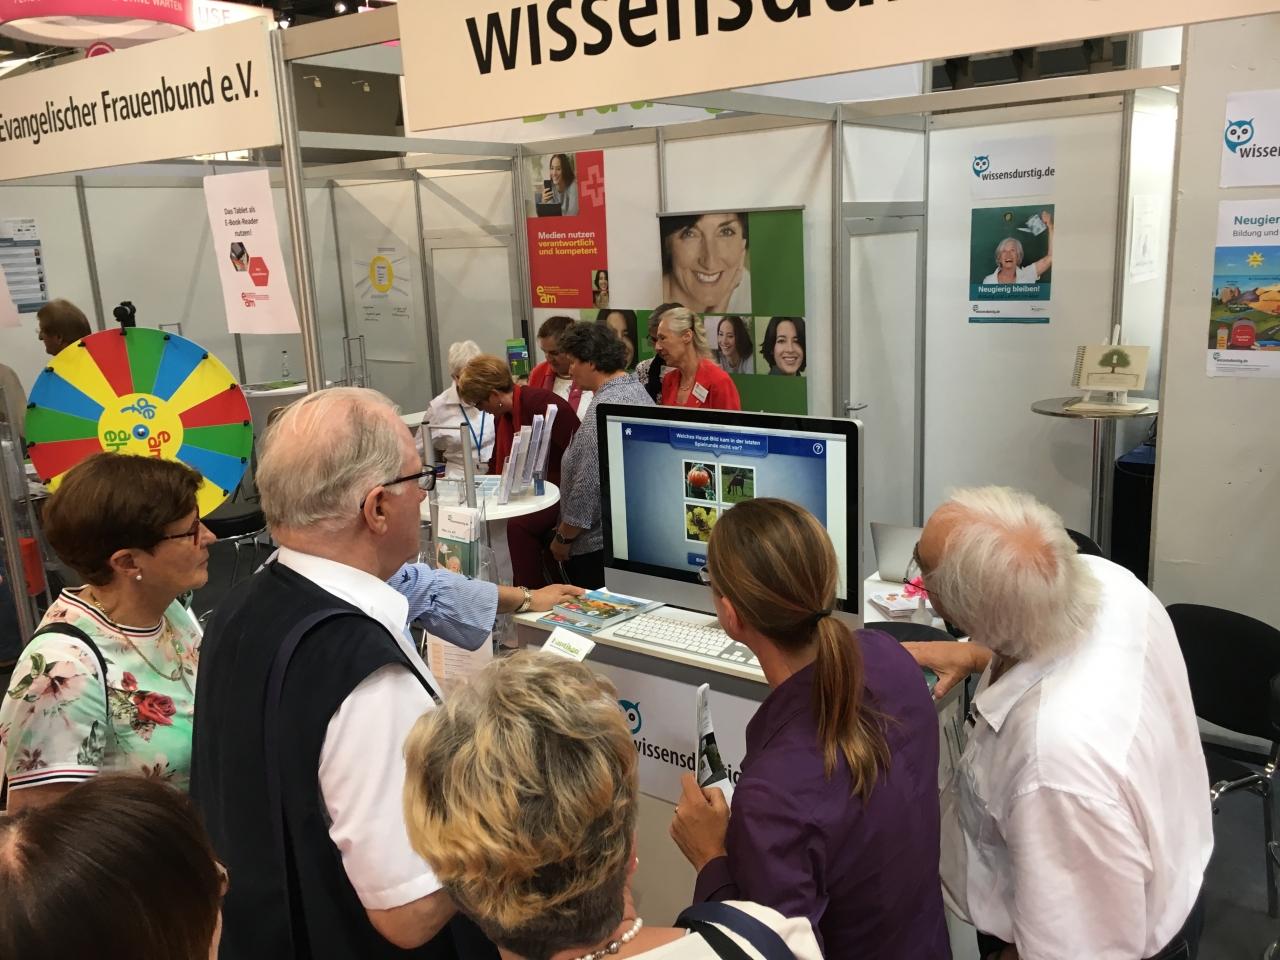 Mehrere Personen schauen auf einen Bildschirm, auf dem Doppeltixx gezeigt wird.